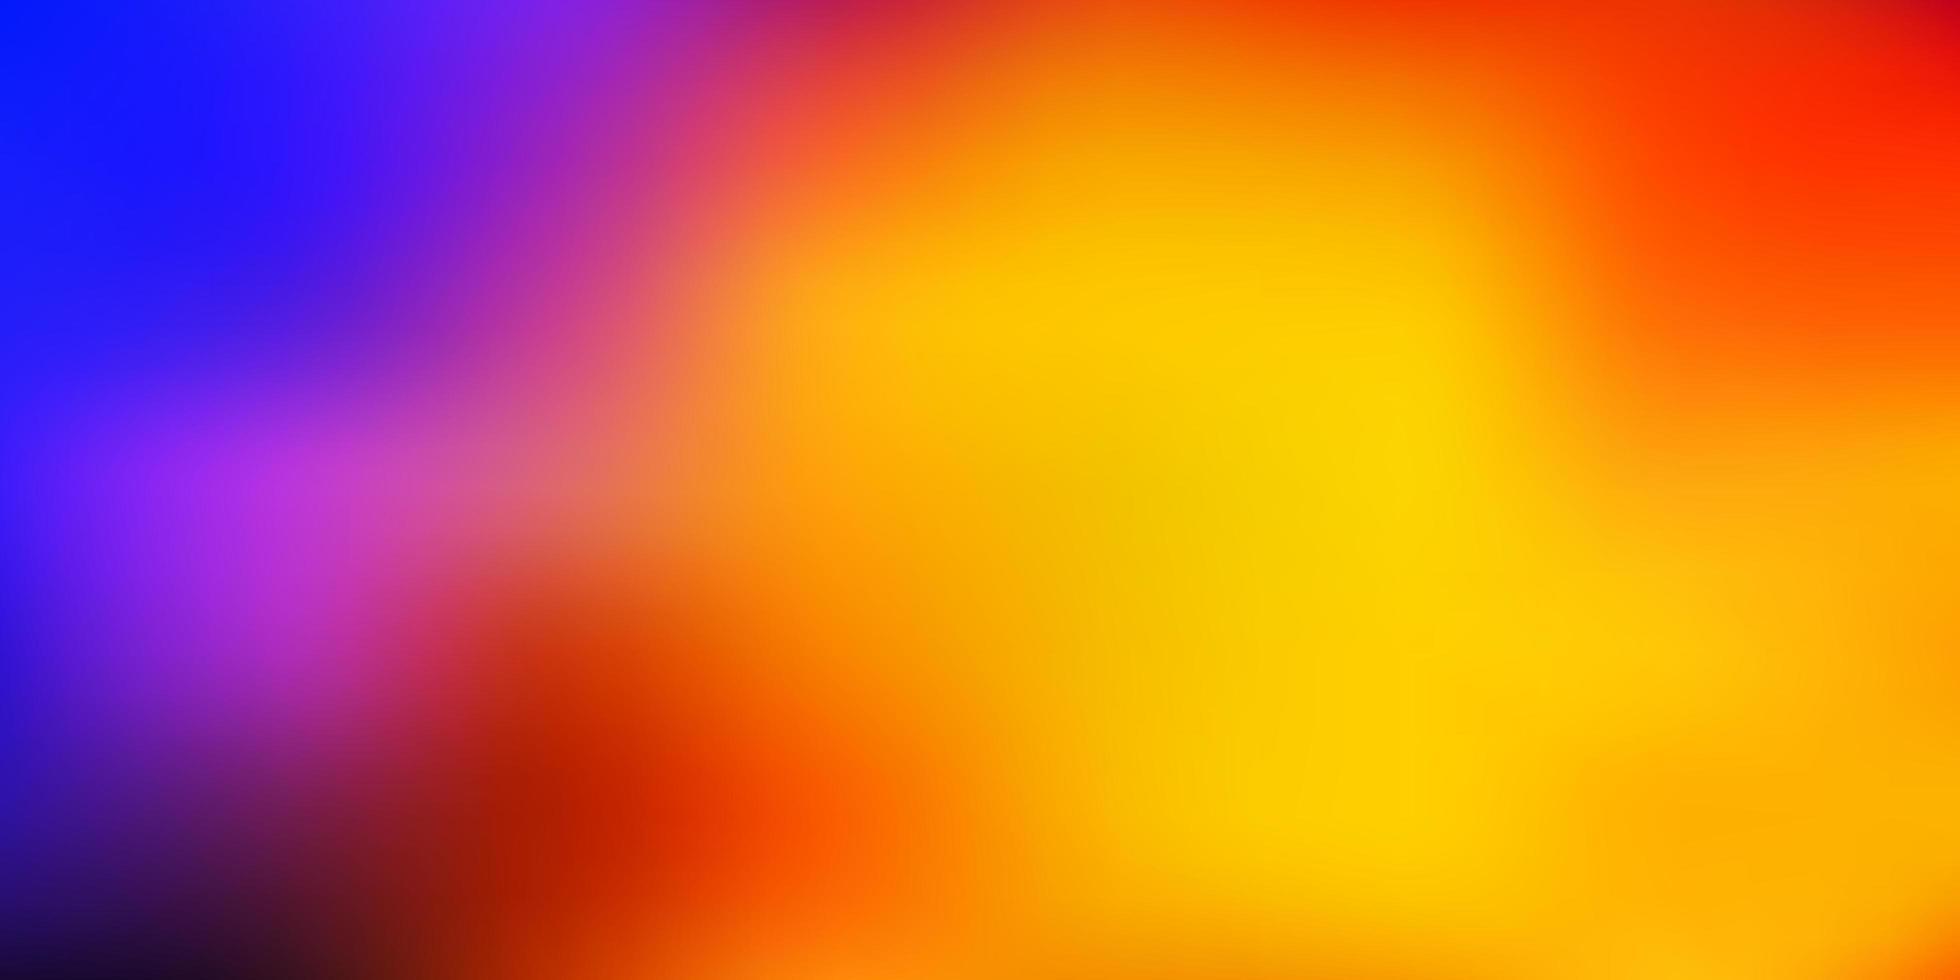 modelo de desfoque gradiente de vetor azul claro vermelho